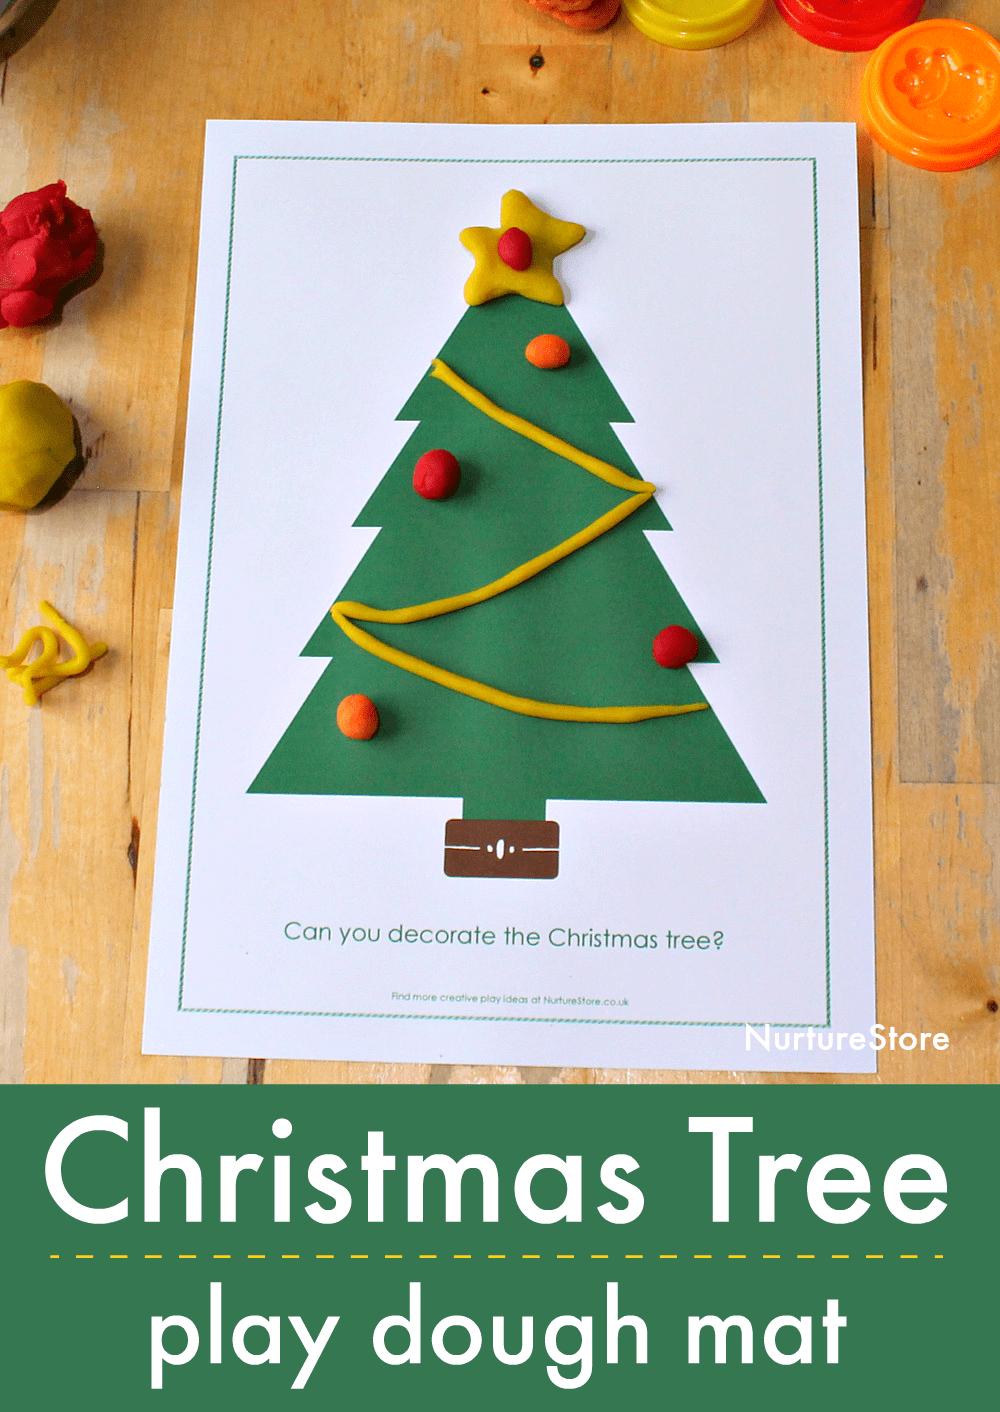 Printable Christmas Tree Play Dough Mat - Nurturestore - Free Printable Christmas Ornament Crafts